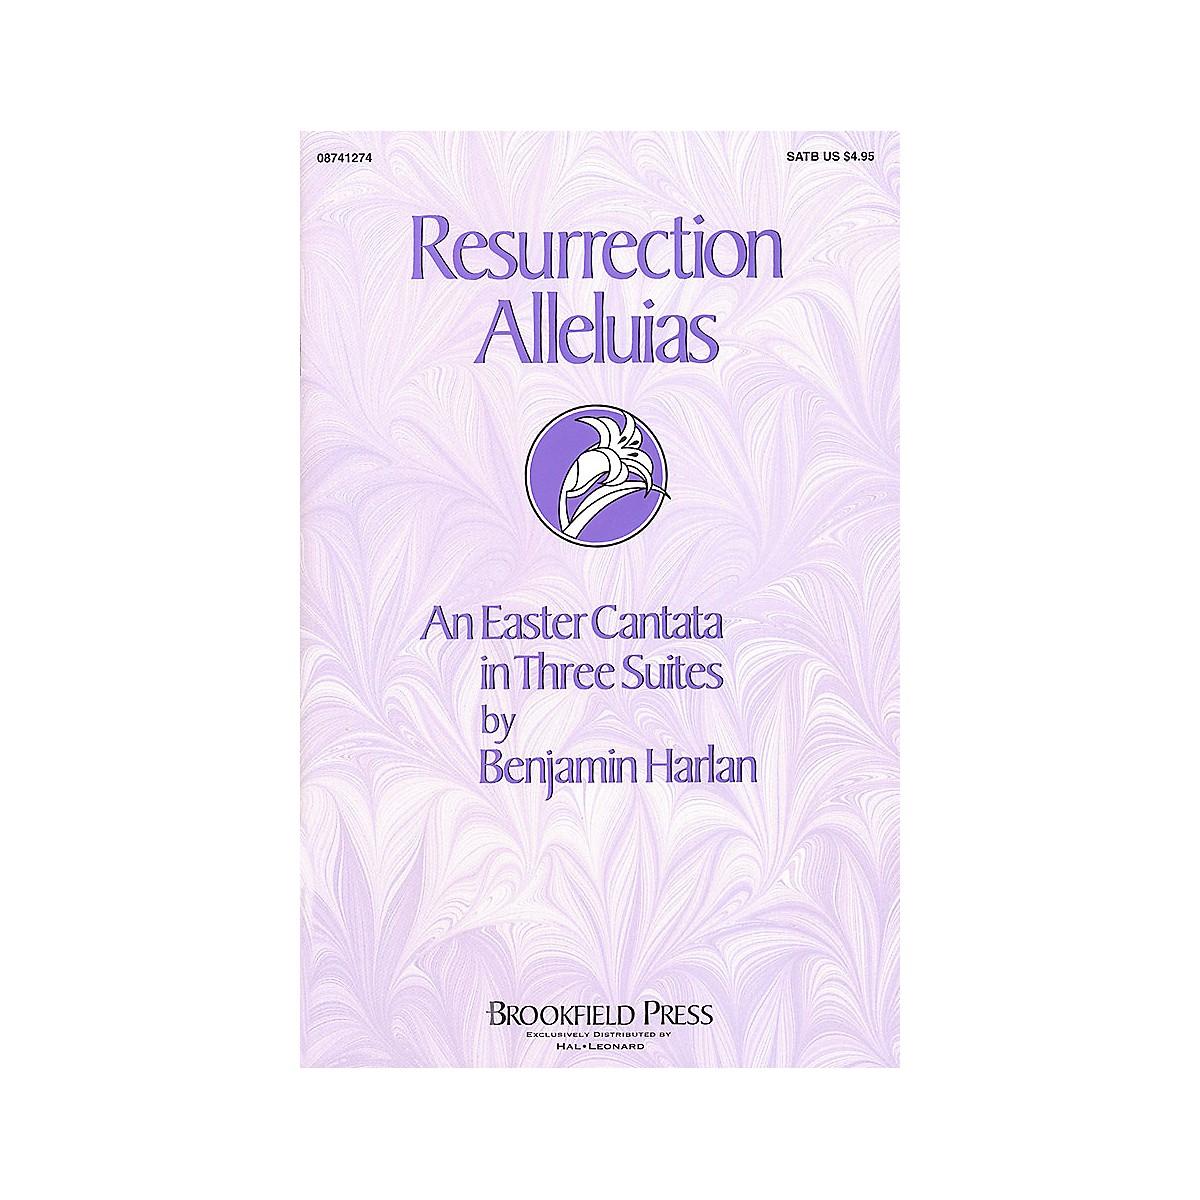 Brookfield Resurrection Alleluias (Cantata) SATB composed by Benjamin Harlan